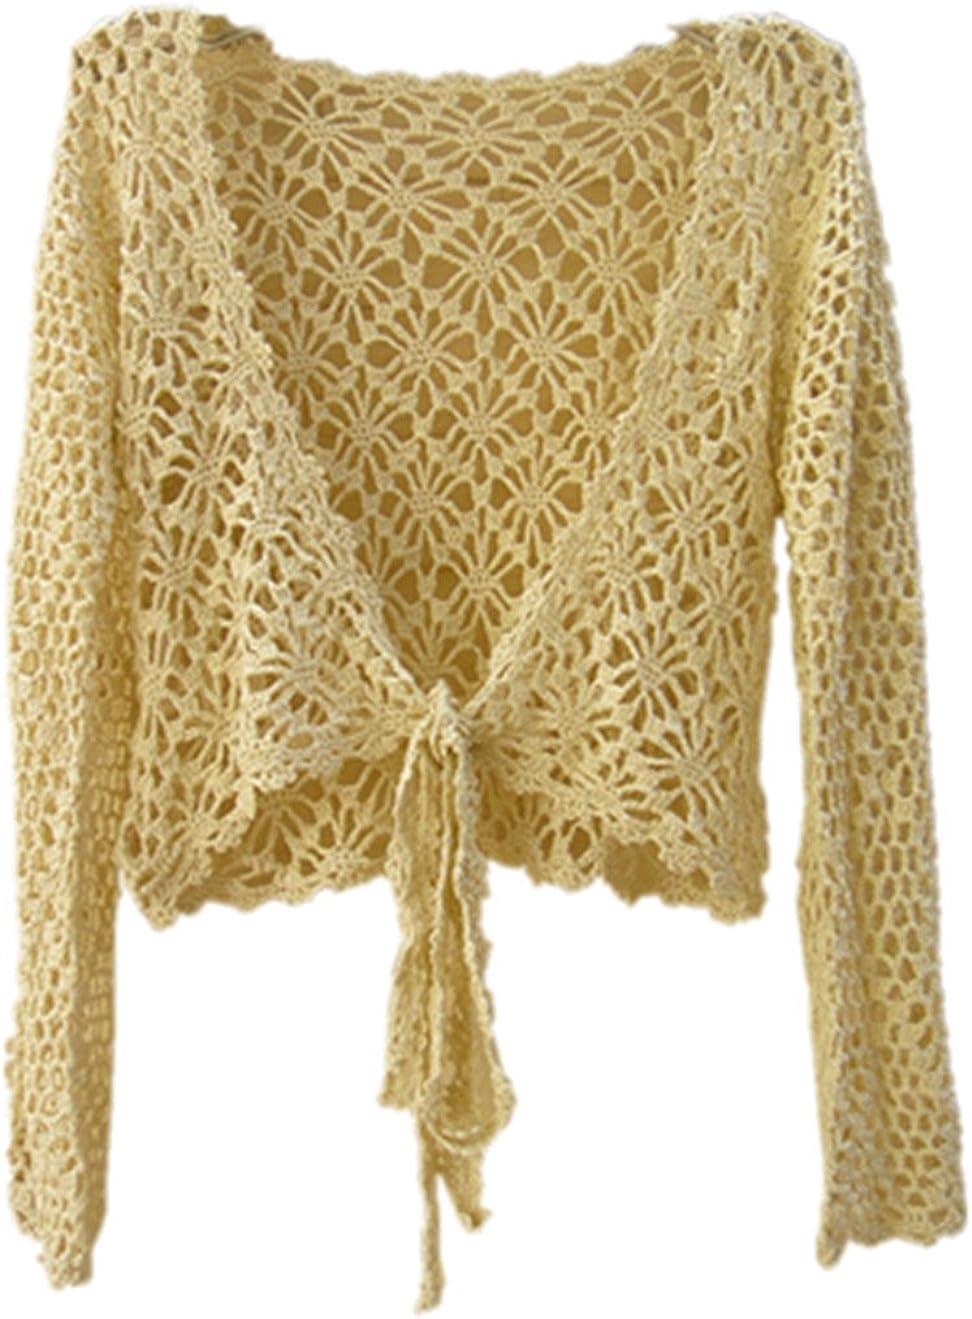 tinacrochetstudio Beige Crop Top Long Sleeve Women Crochet Cardigan Shrug